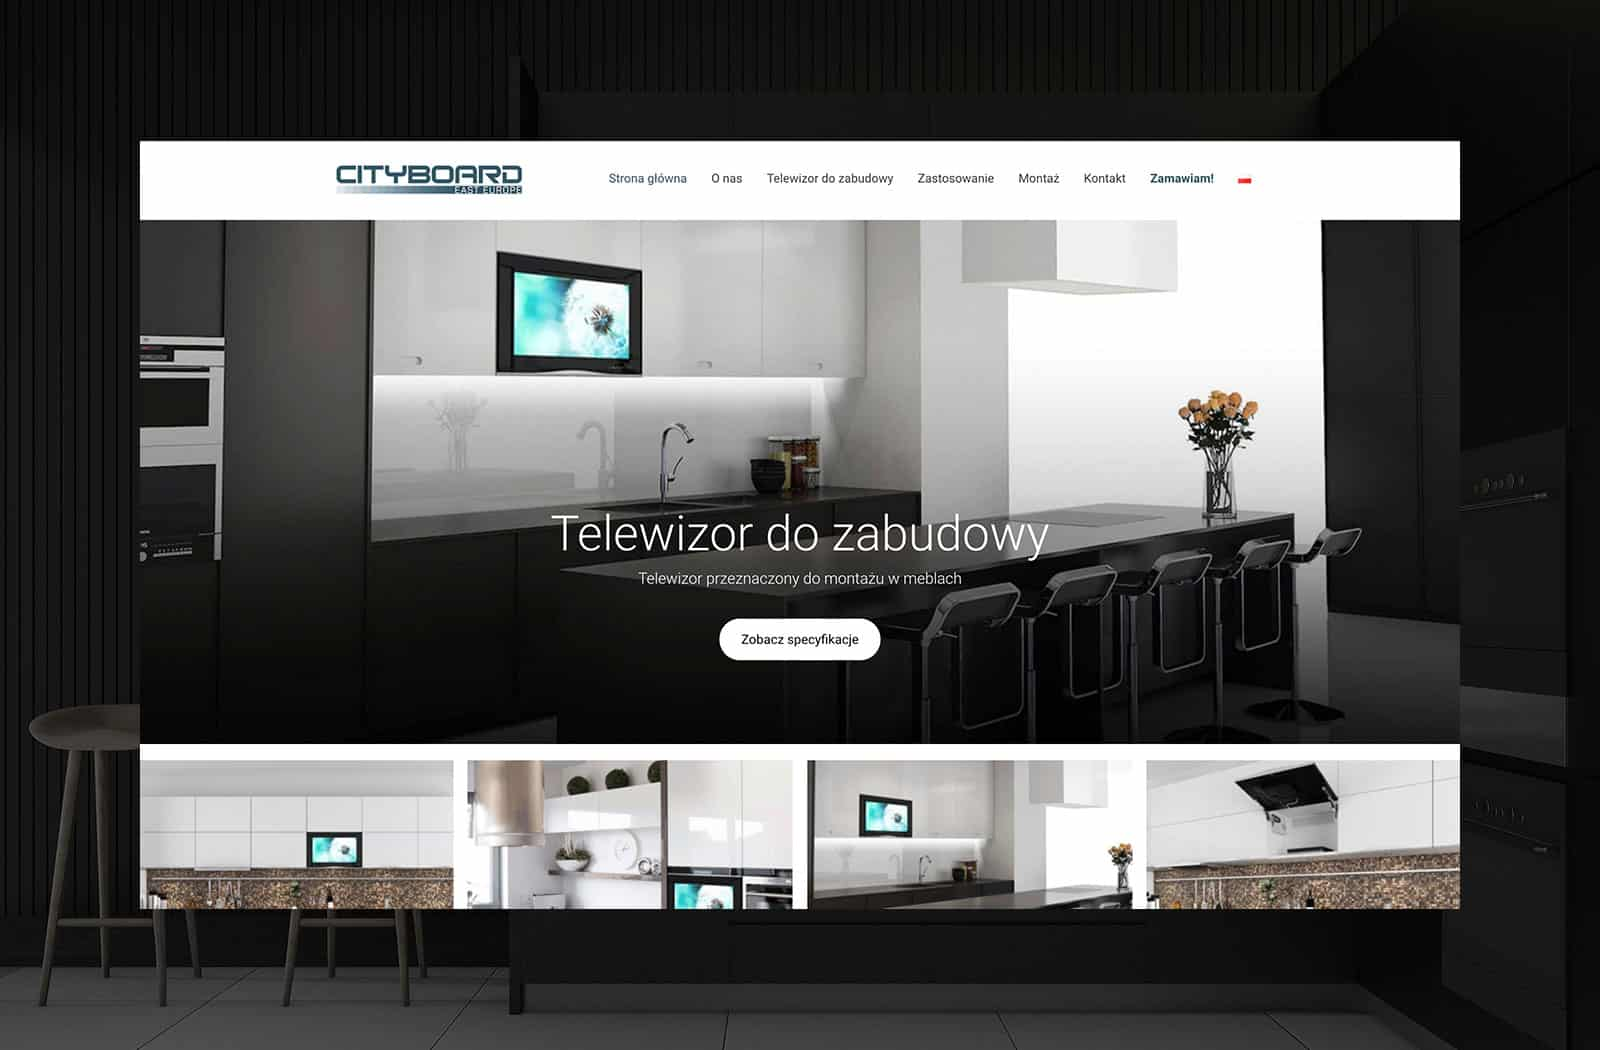 Telewizor do zabudowy